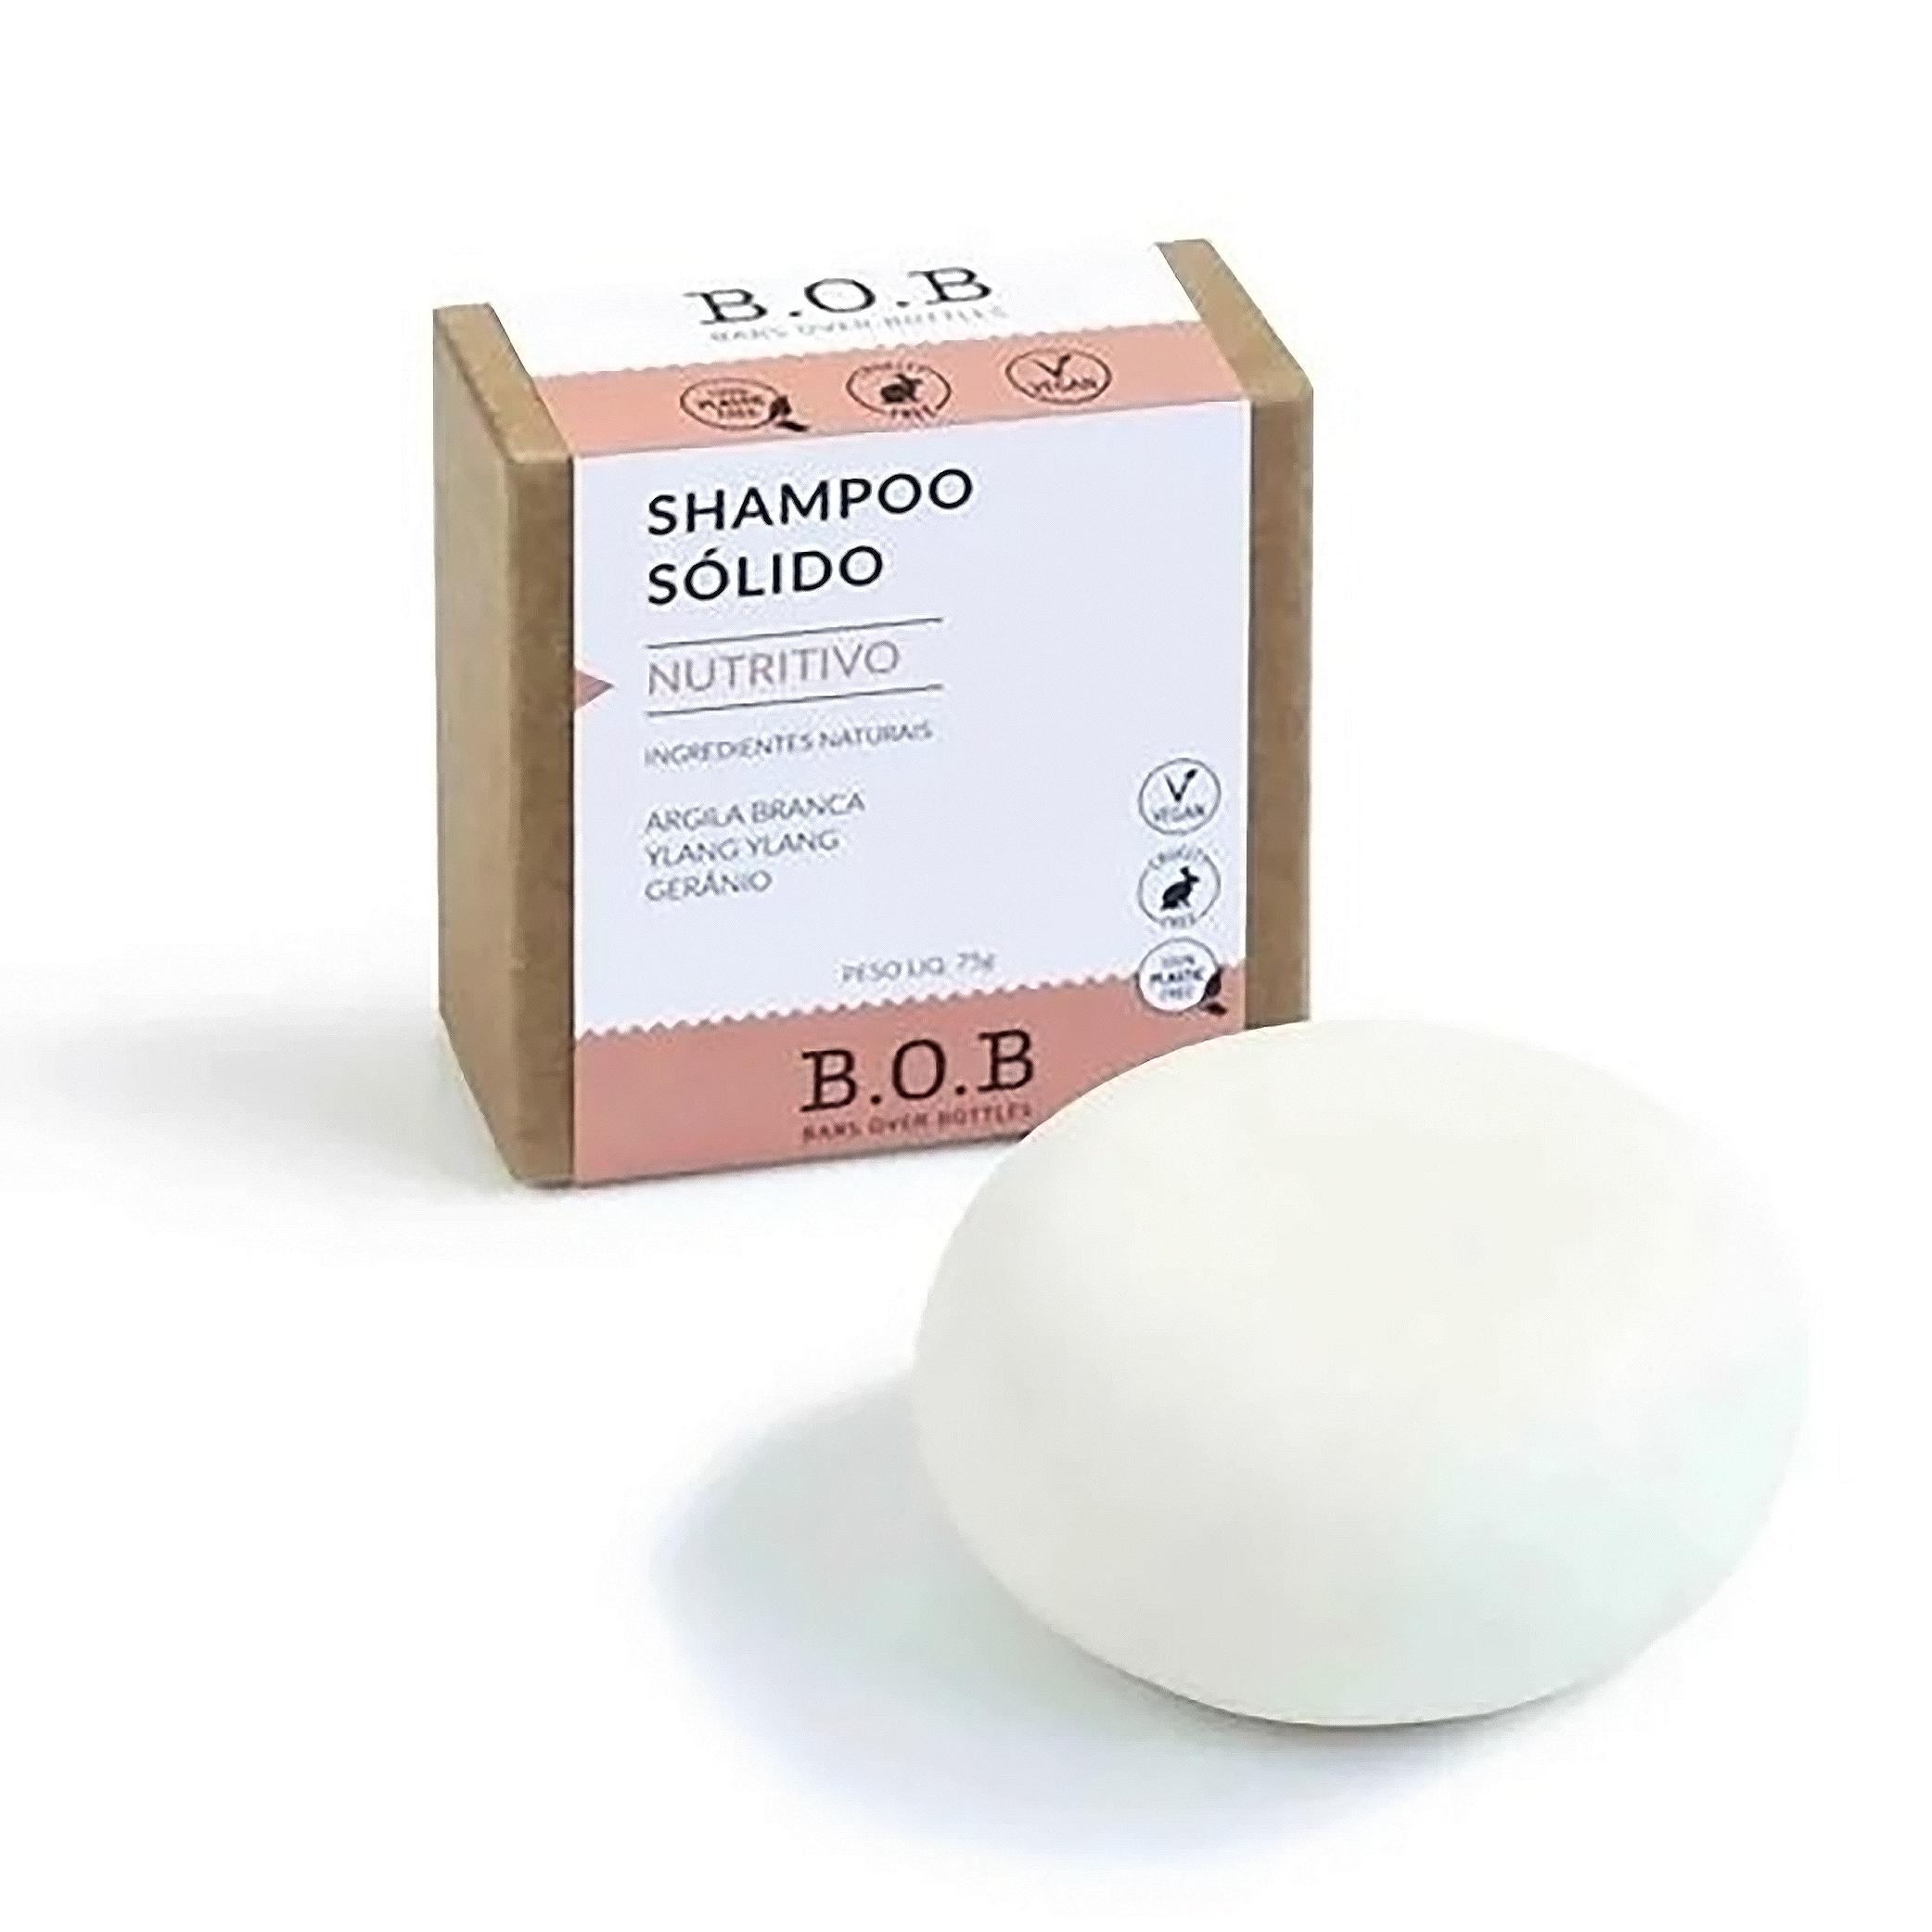 B.O.B Shampoo Nutritivo em Barra